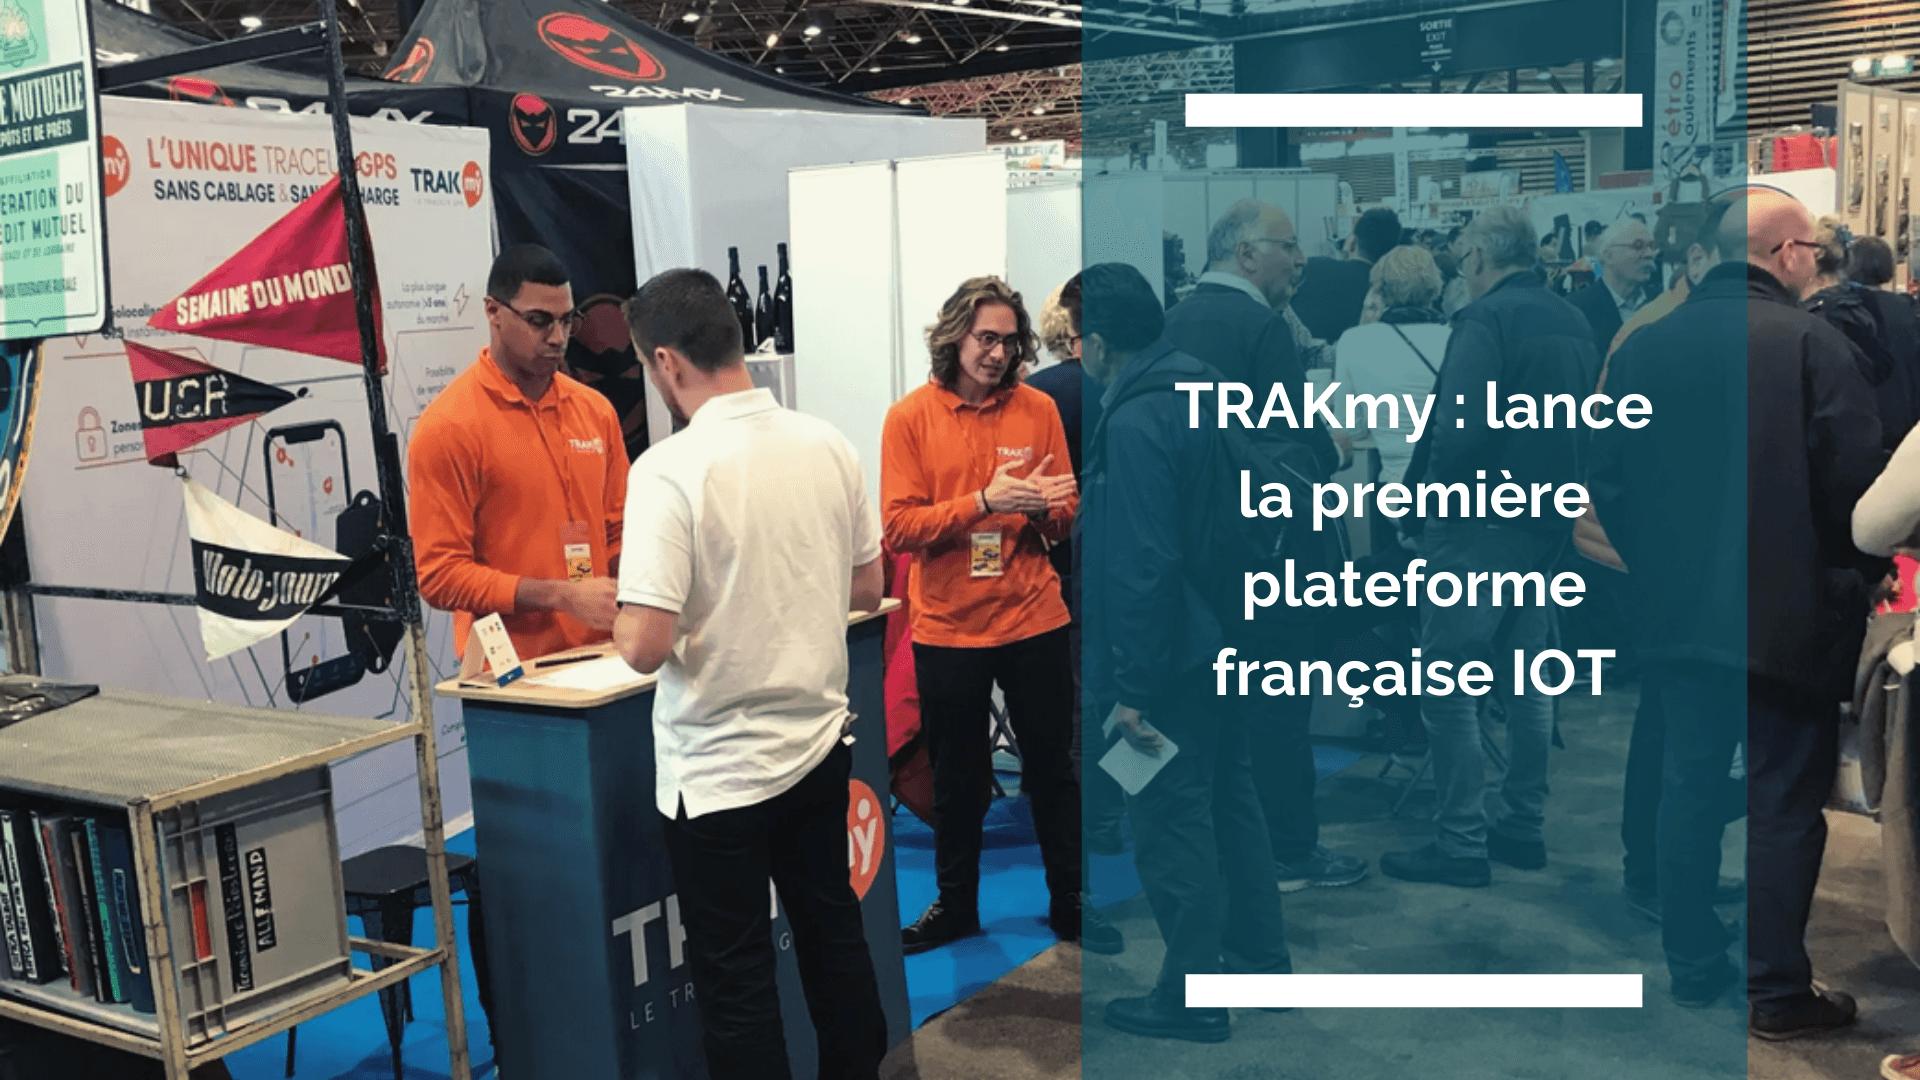 Visuel de l'article : TRAKmy lance la première plateforme française IOT